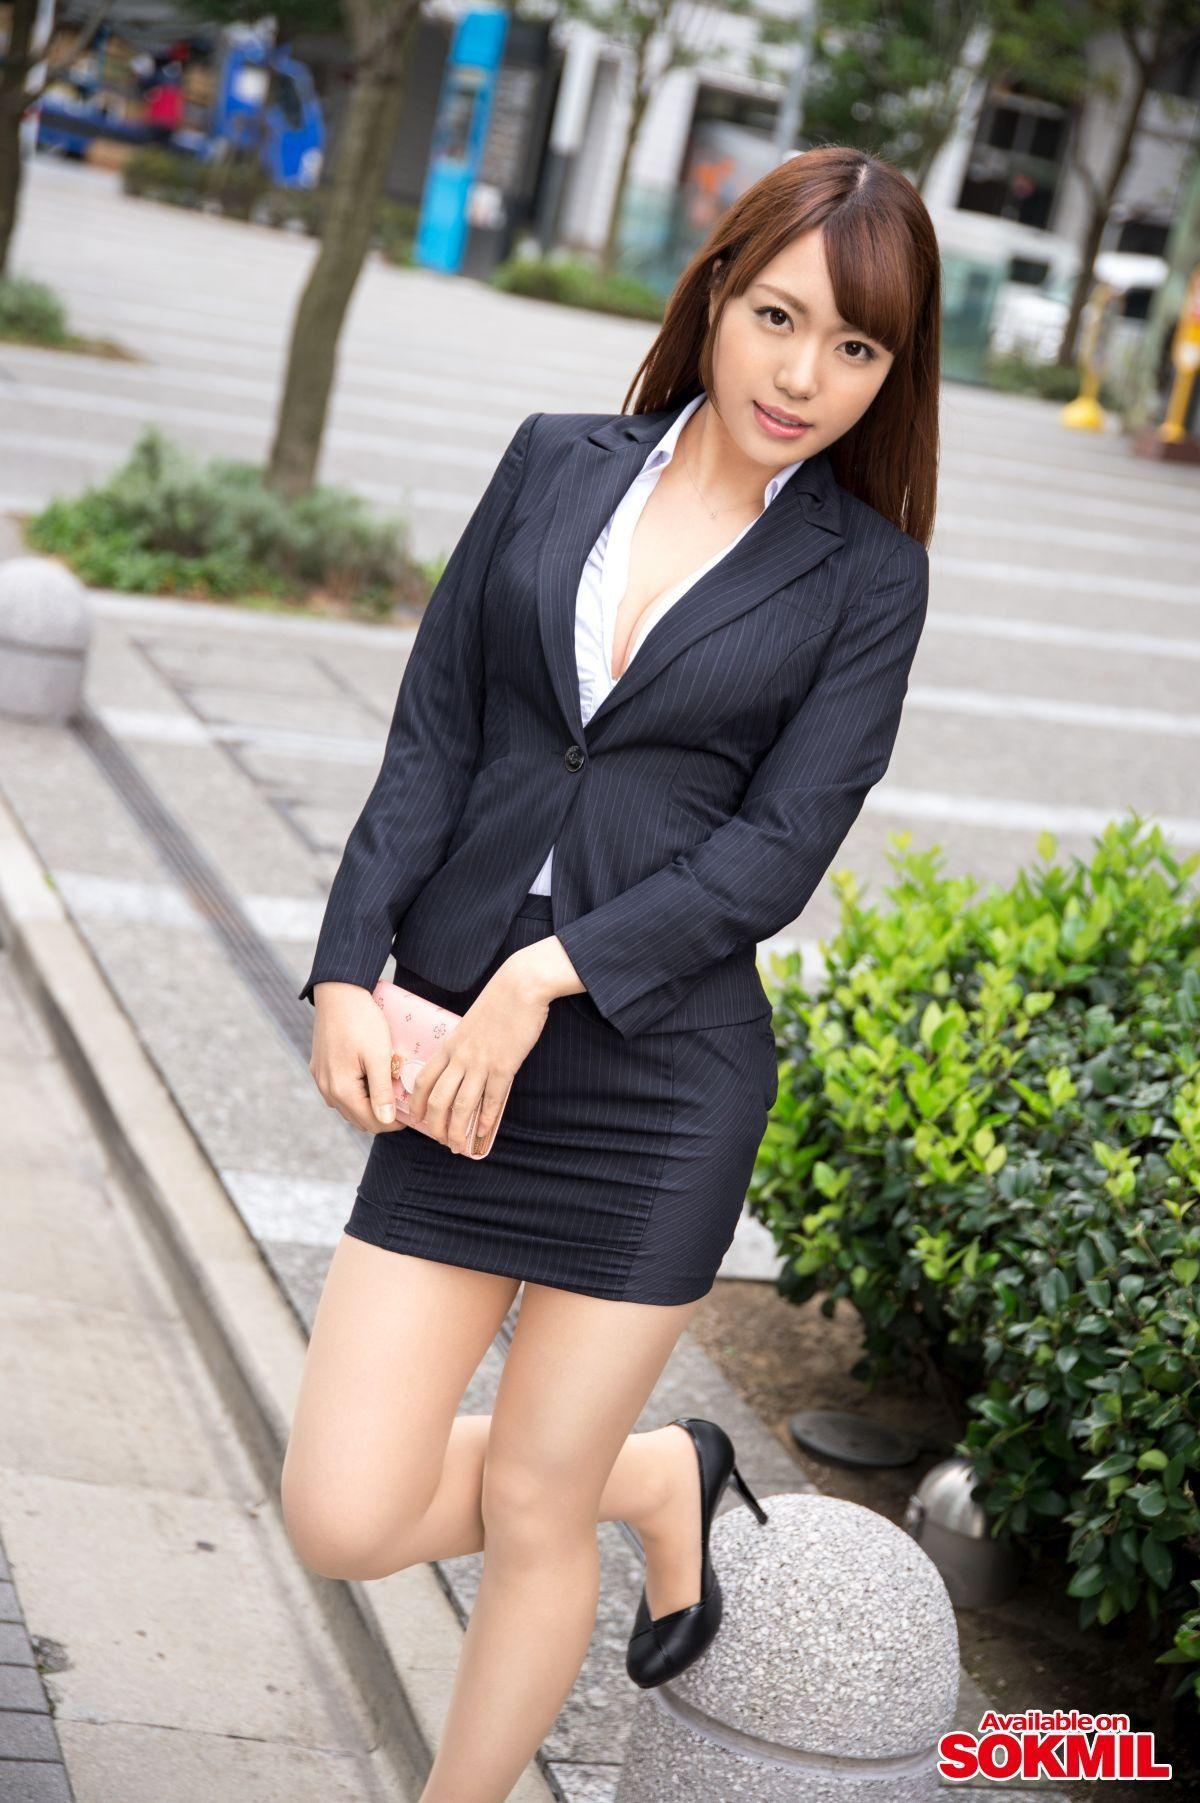 三次元 3次元 OL スーツ エロ画像 べっぴん娘通信 32